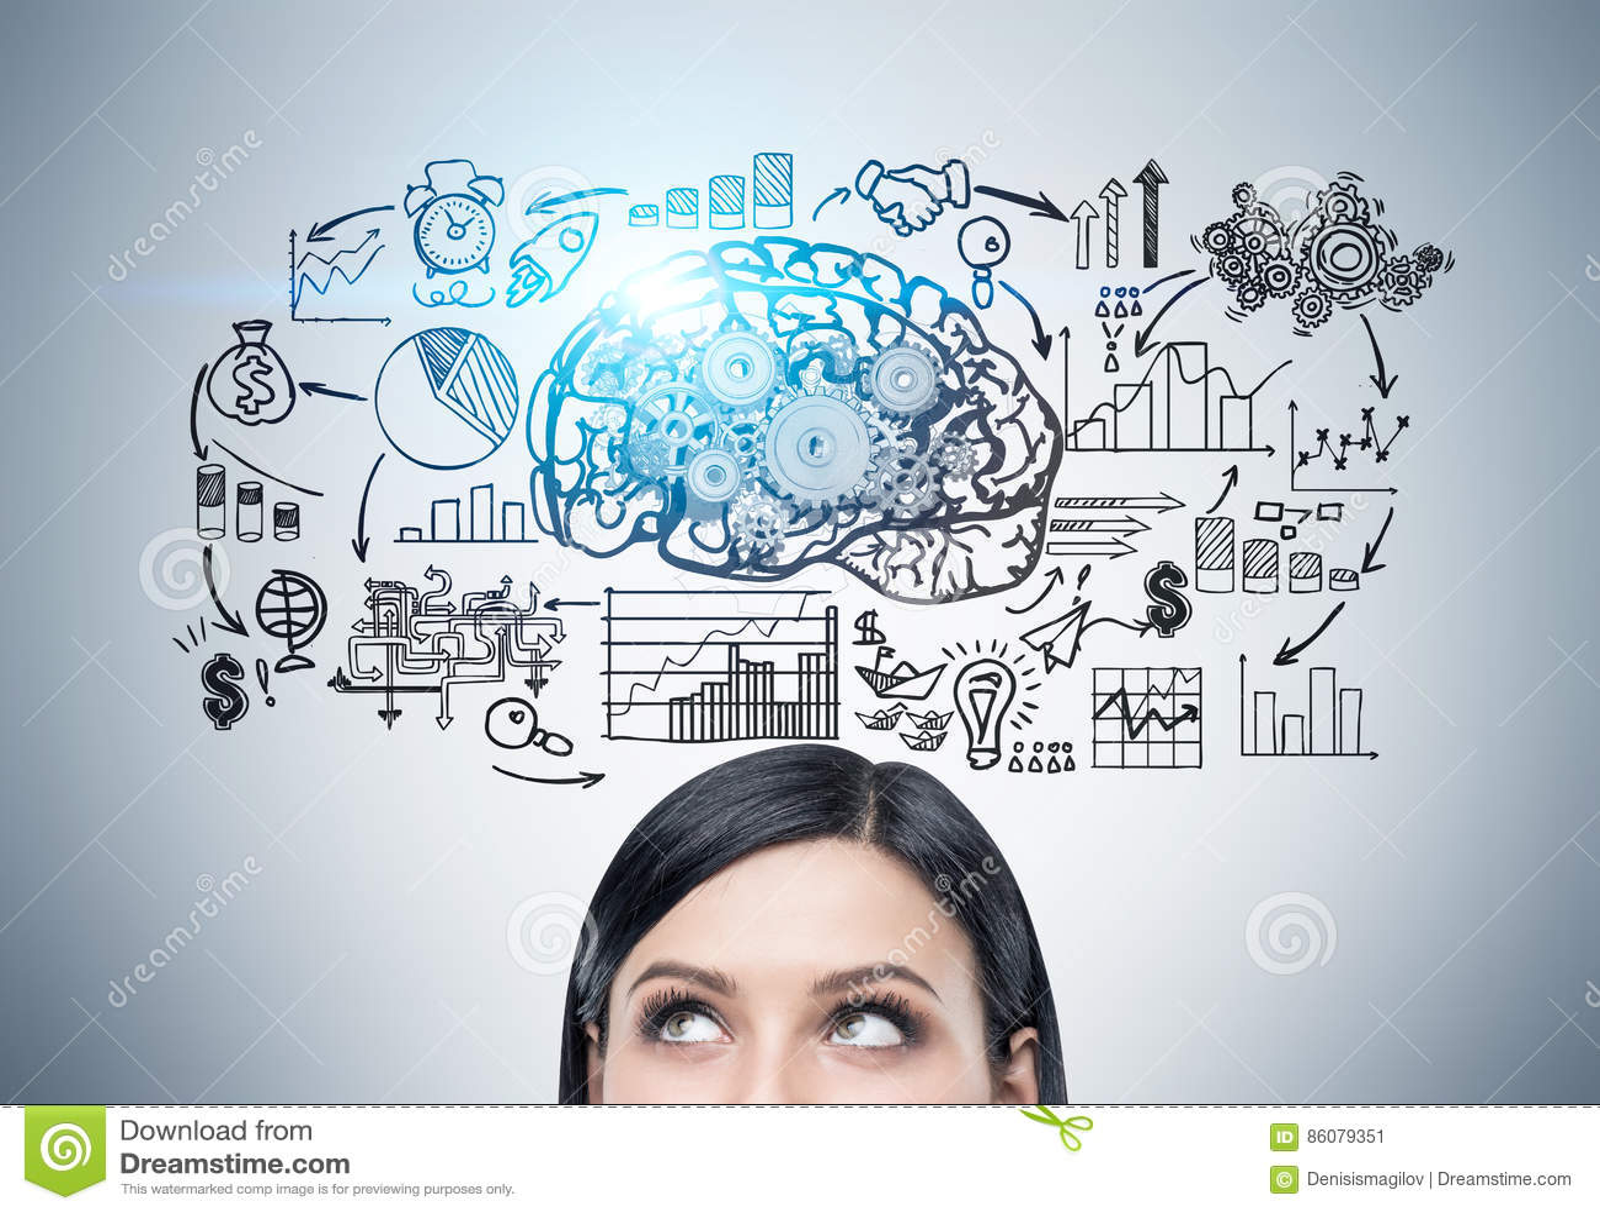 Huvud av kvinnan, hjärna med kugghjul